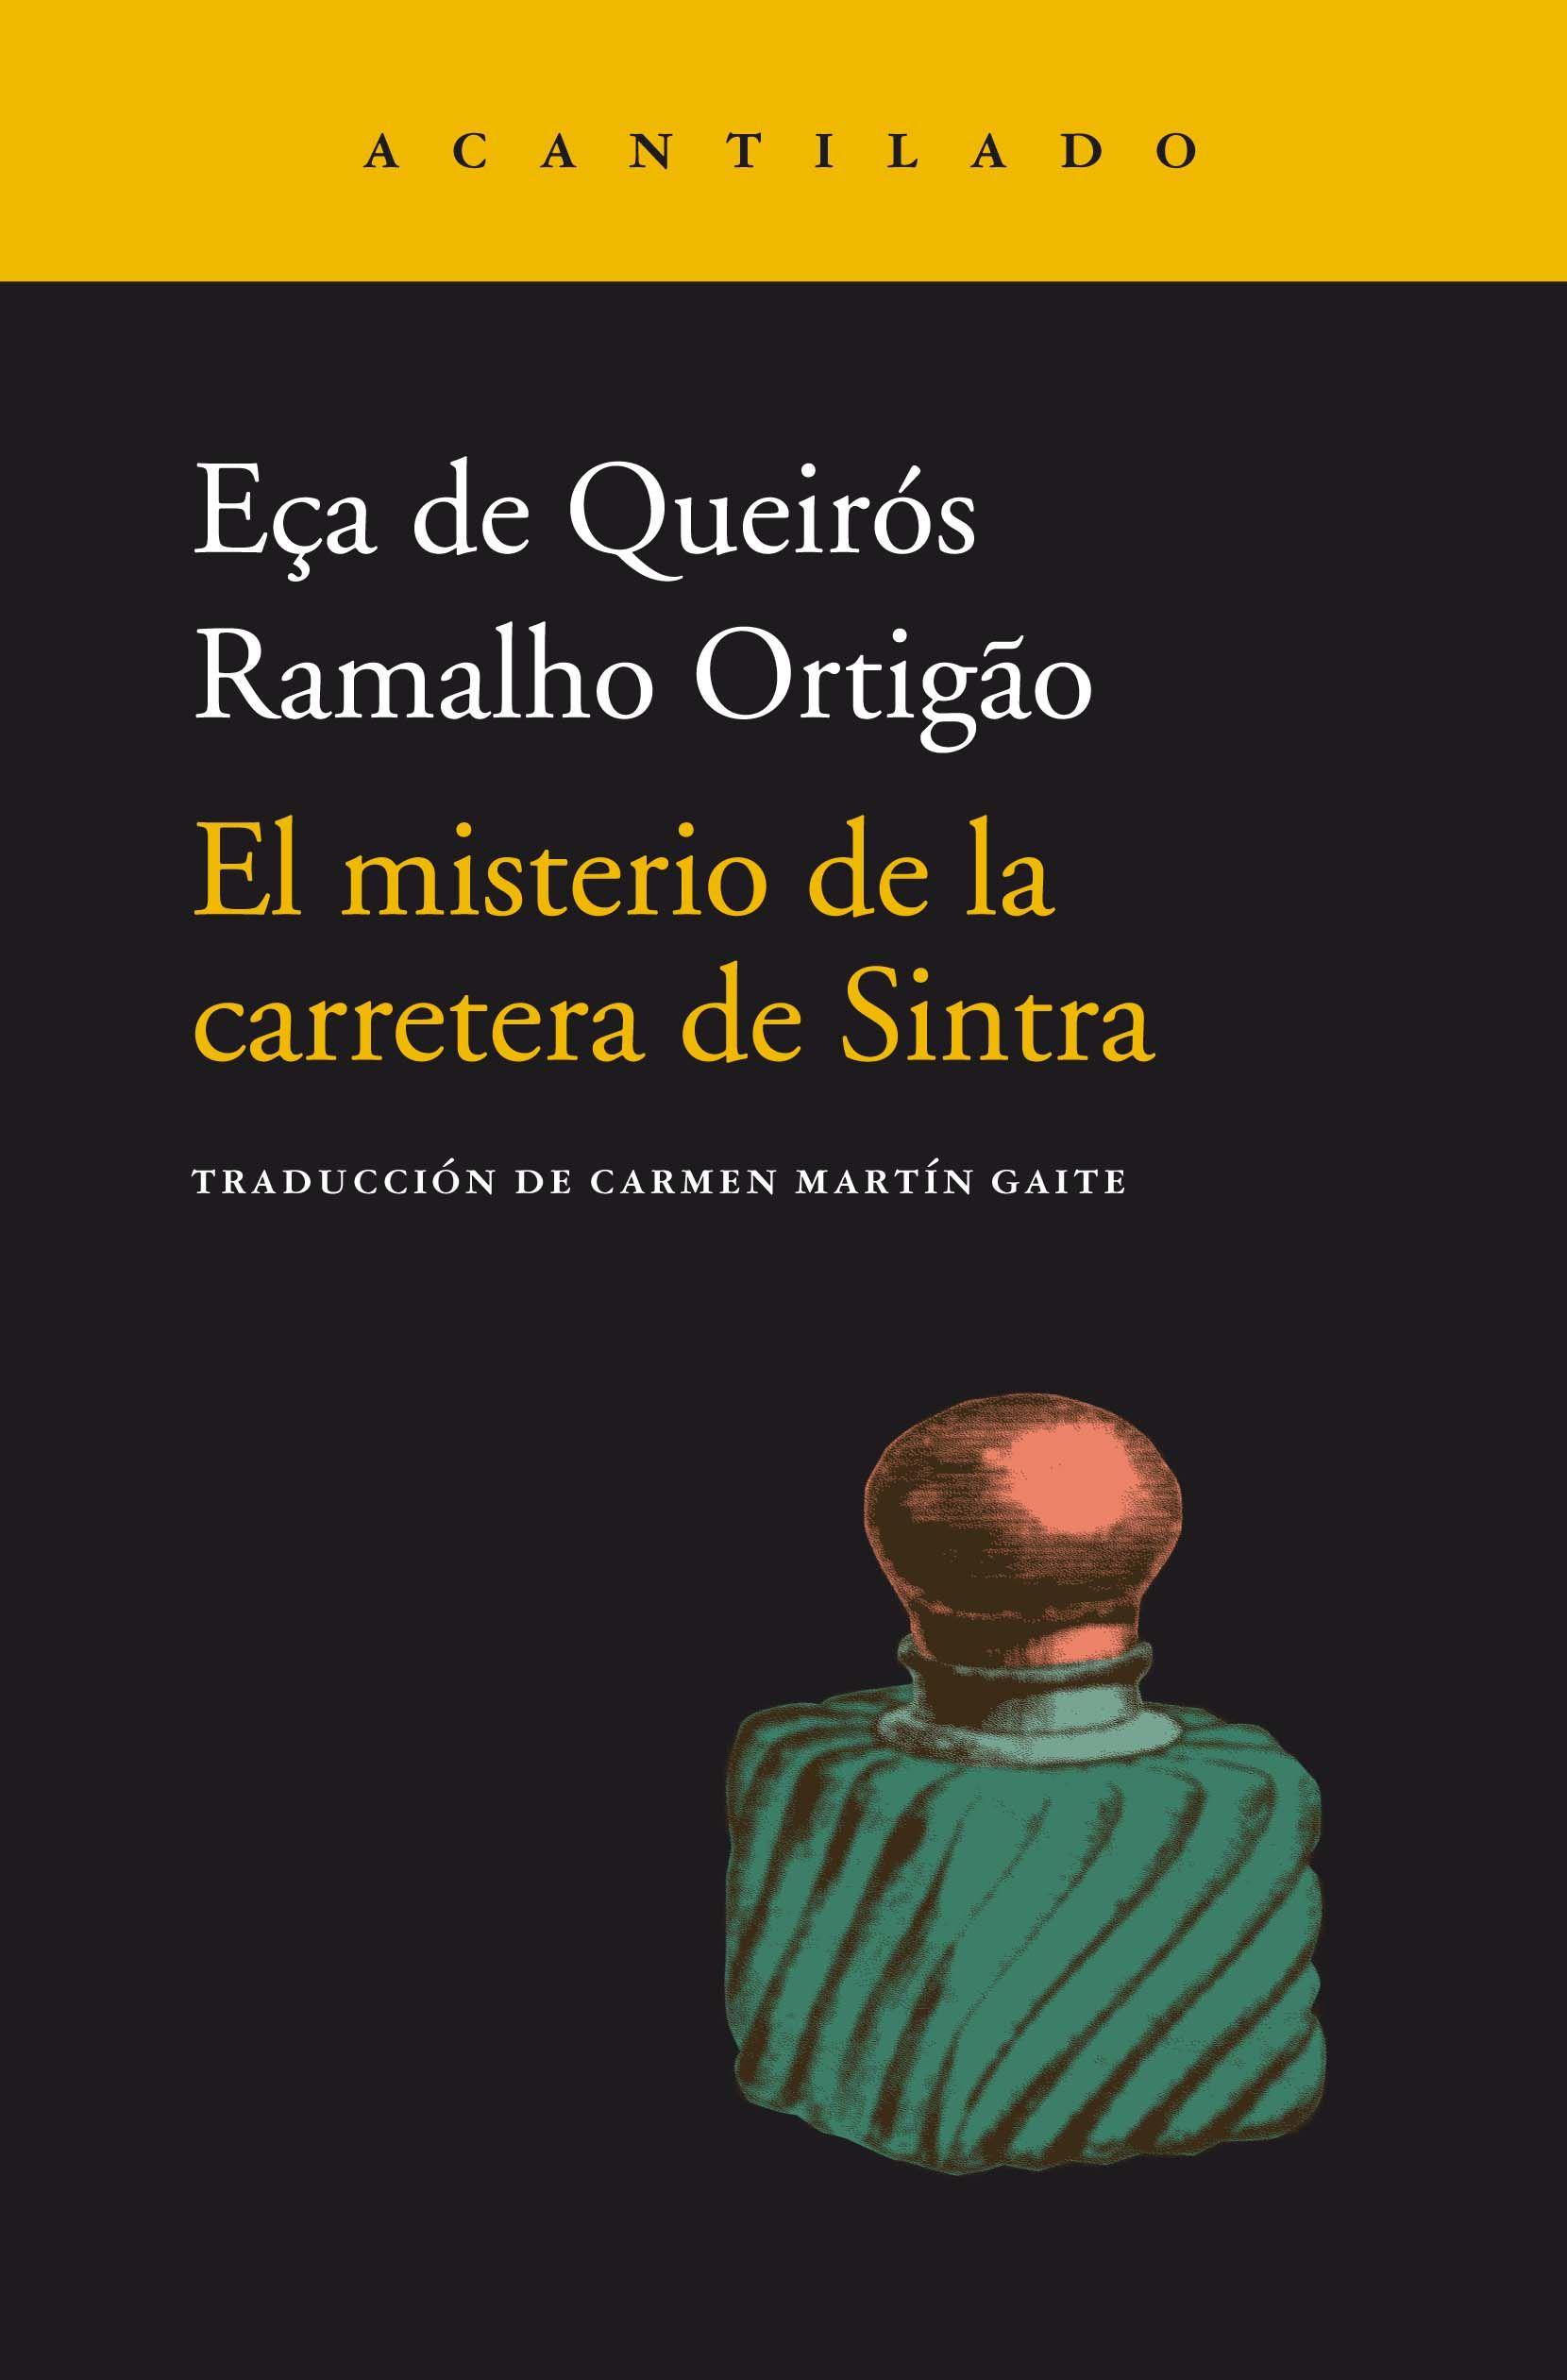 MISTERIO DE LA CARRETERA DE SINTRA EL